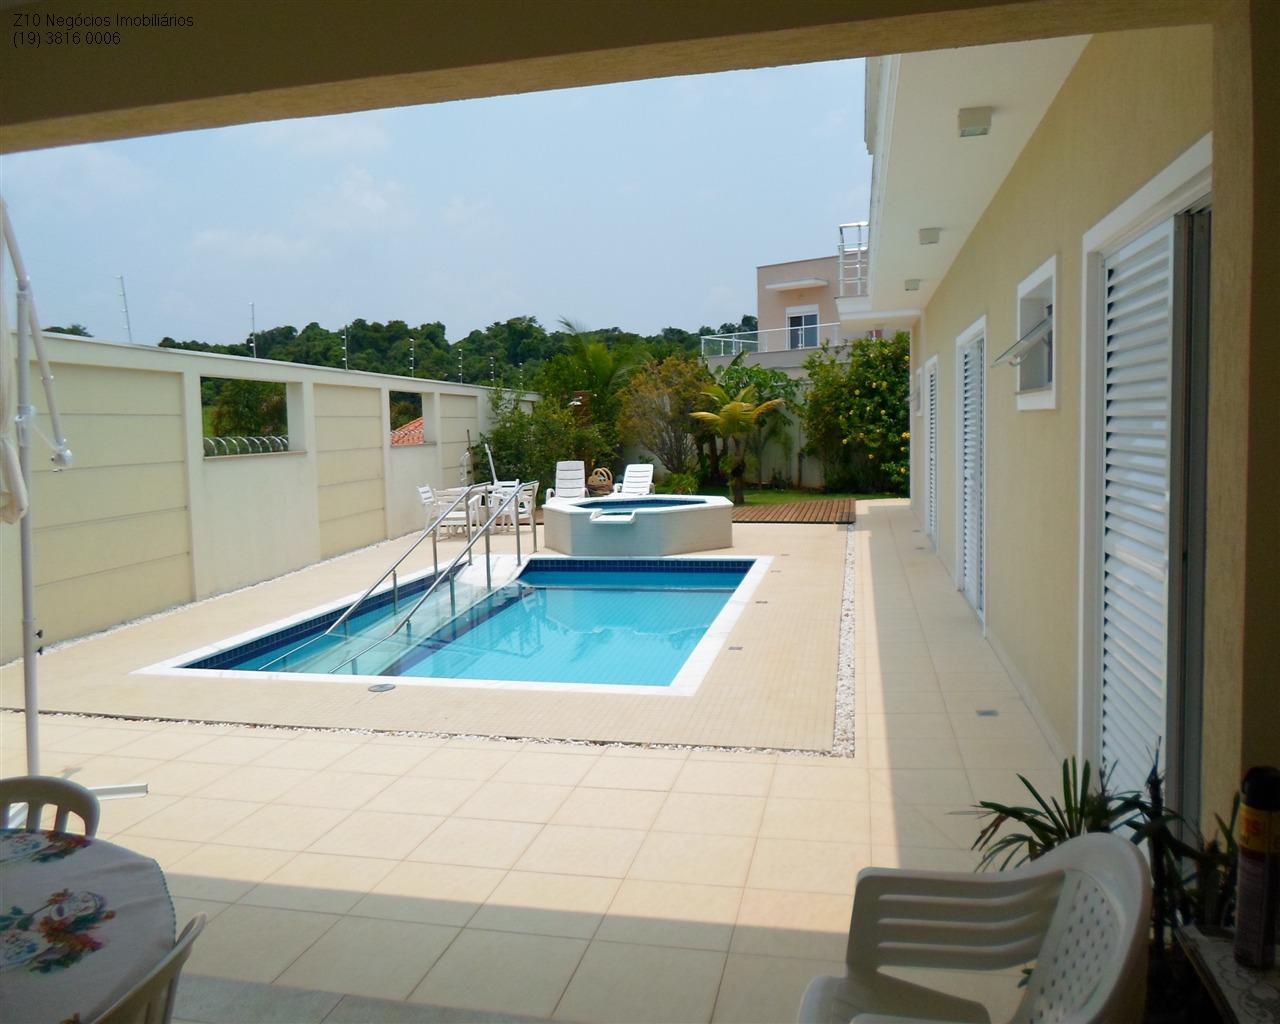 piscina/jardim